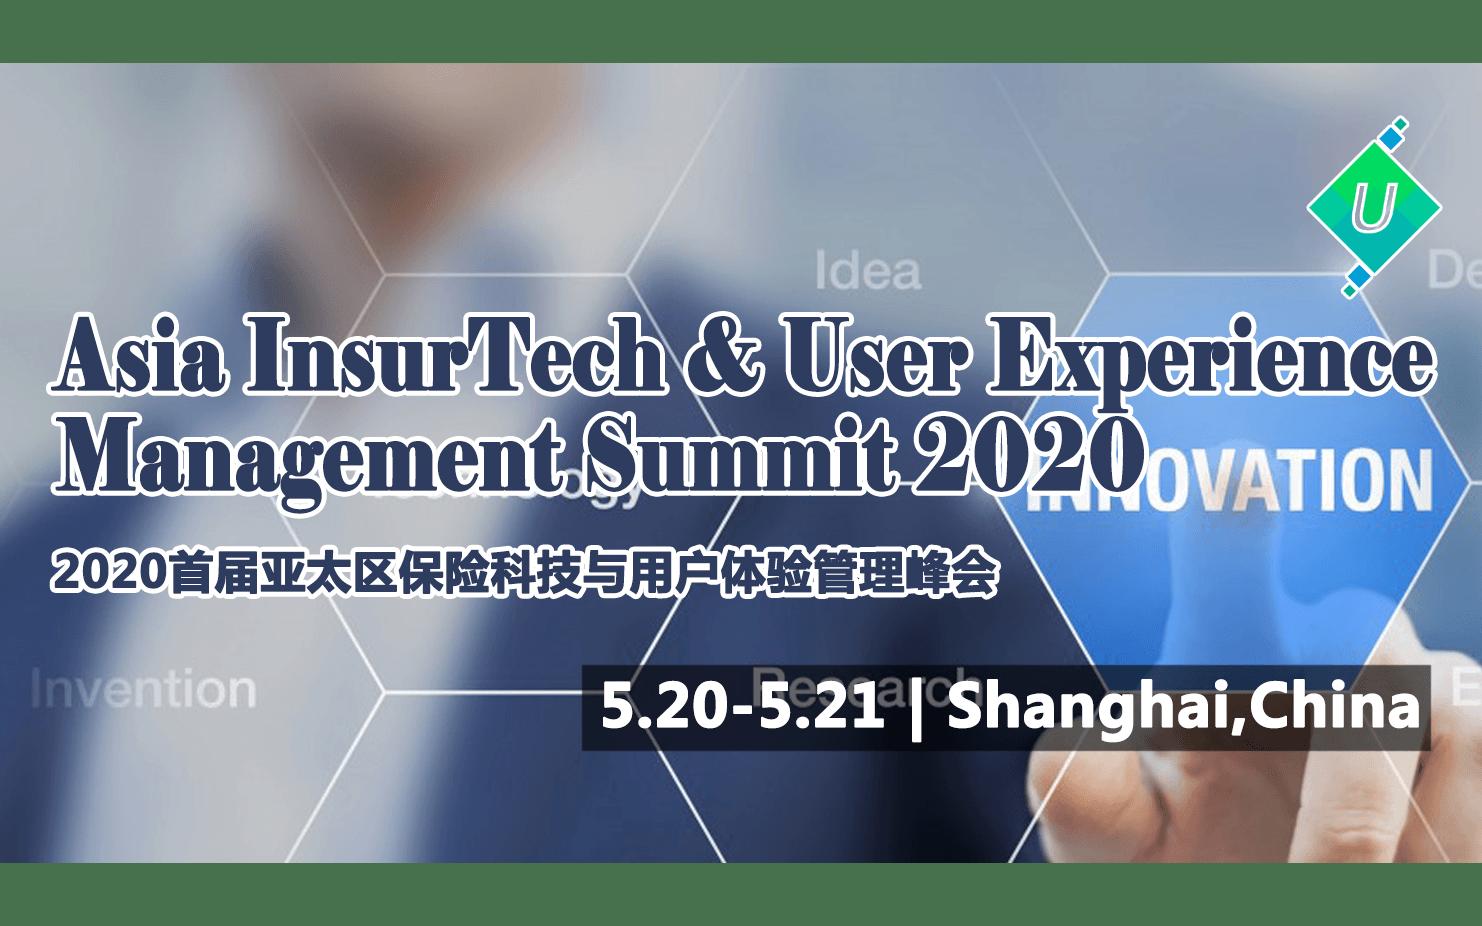 2020首屆亞太區保險科技與用戶體驗管理峰會(上海)